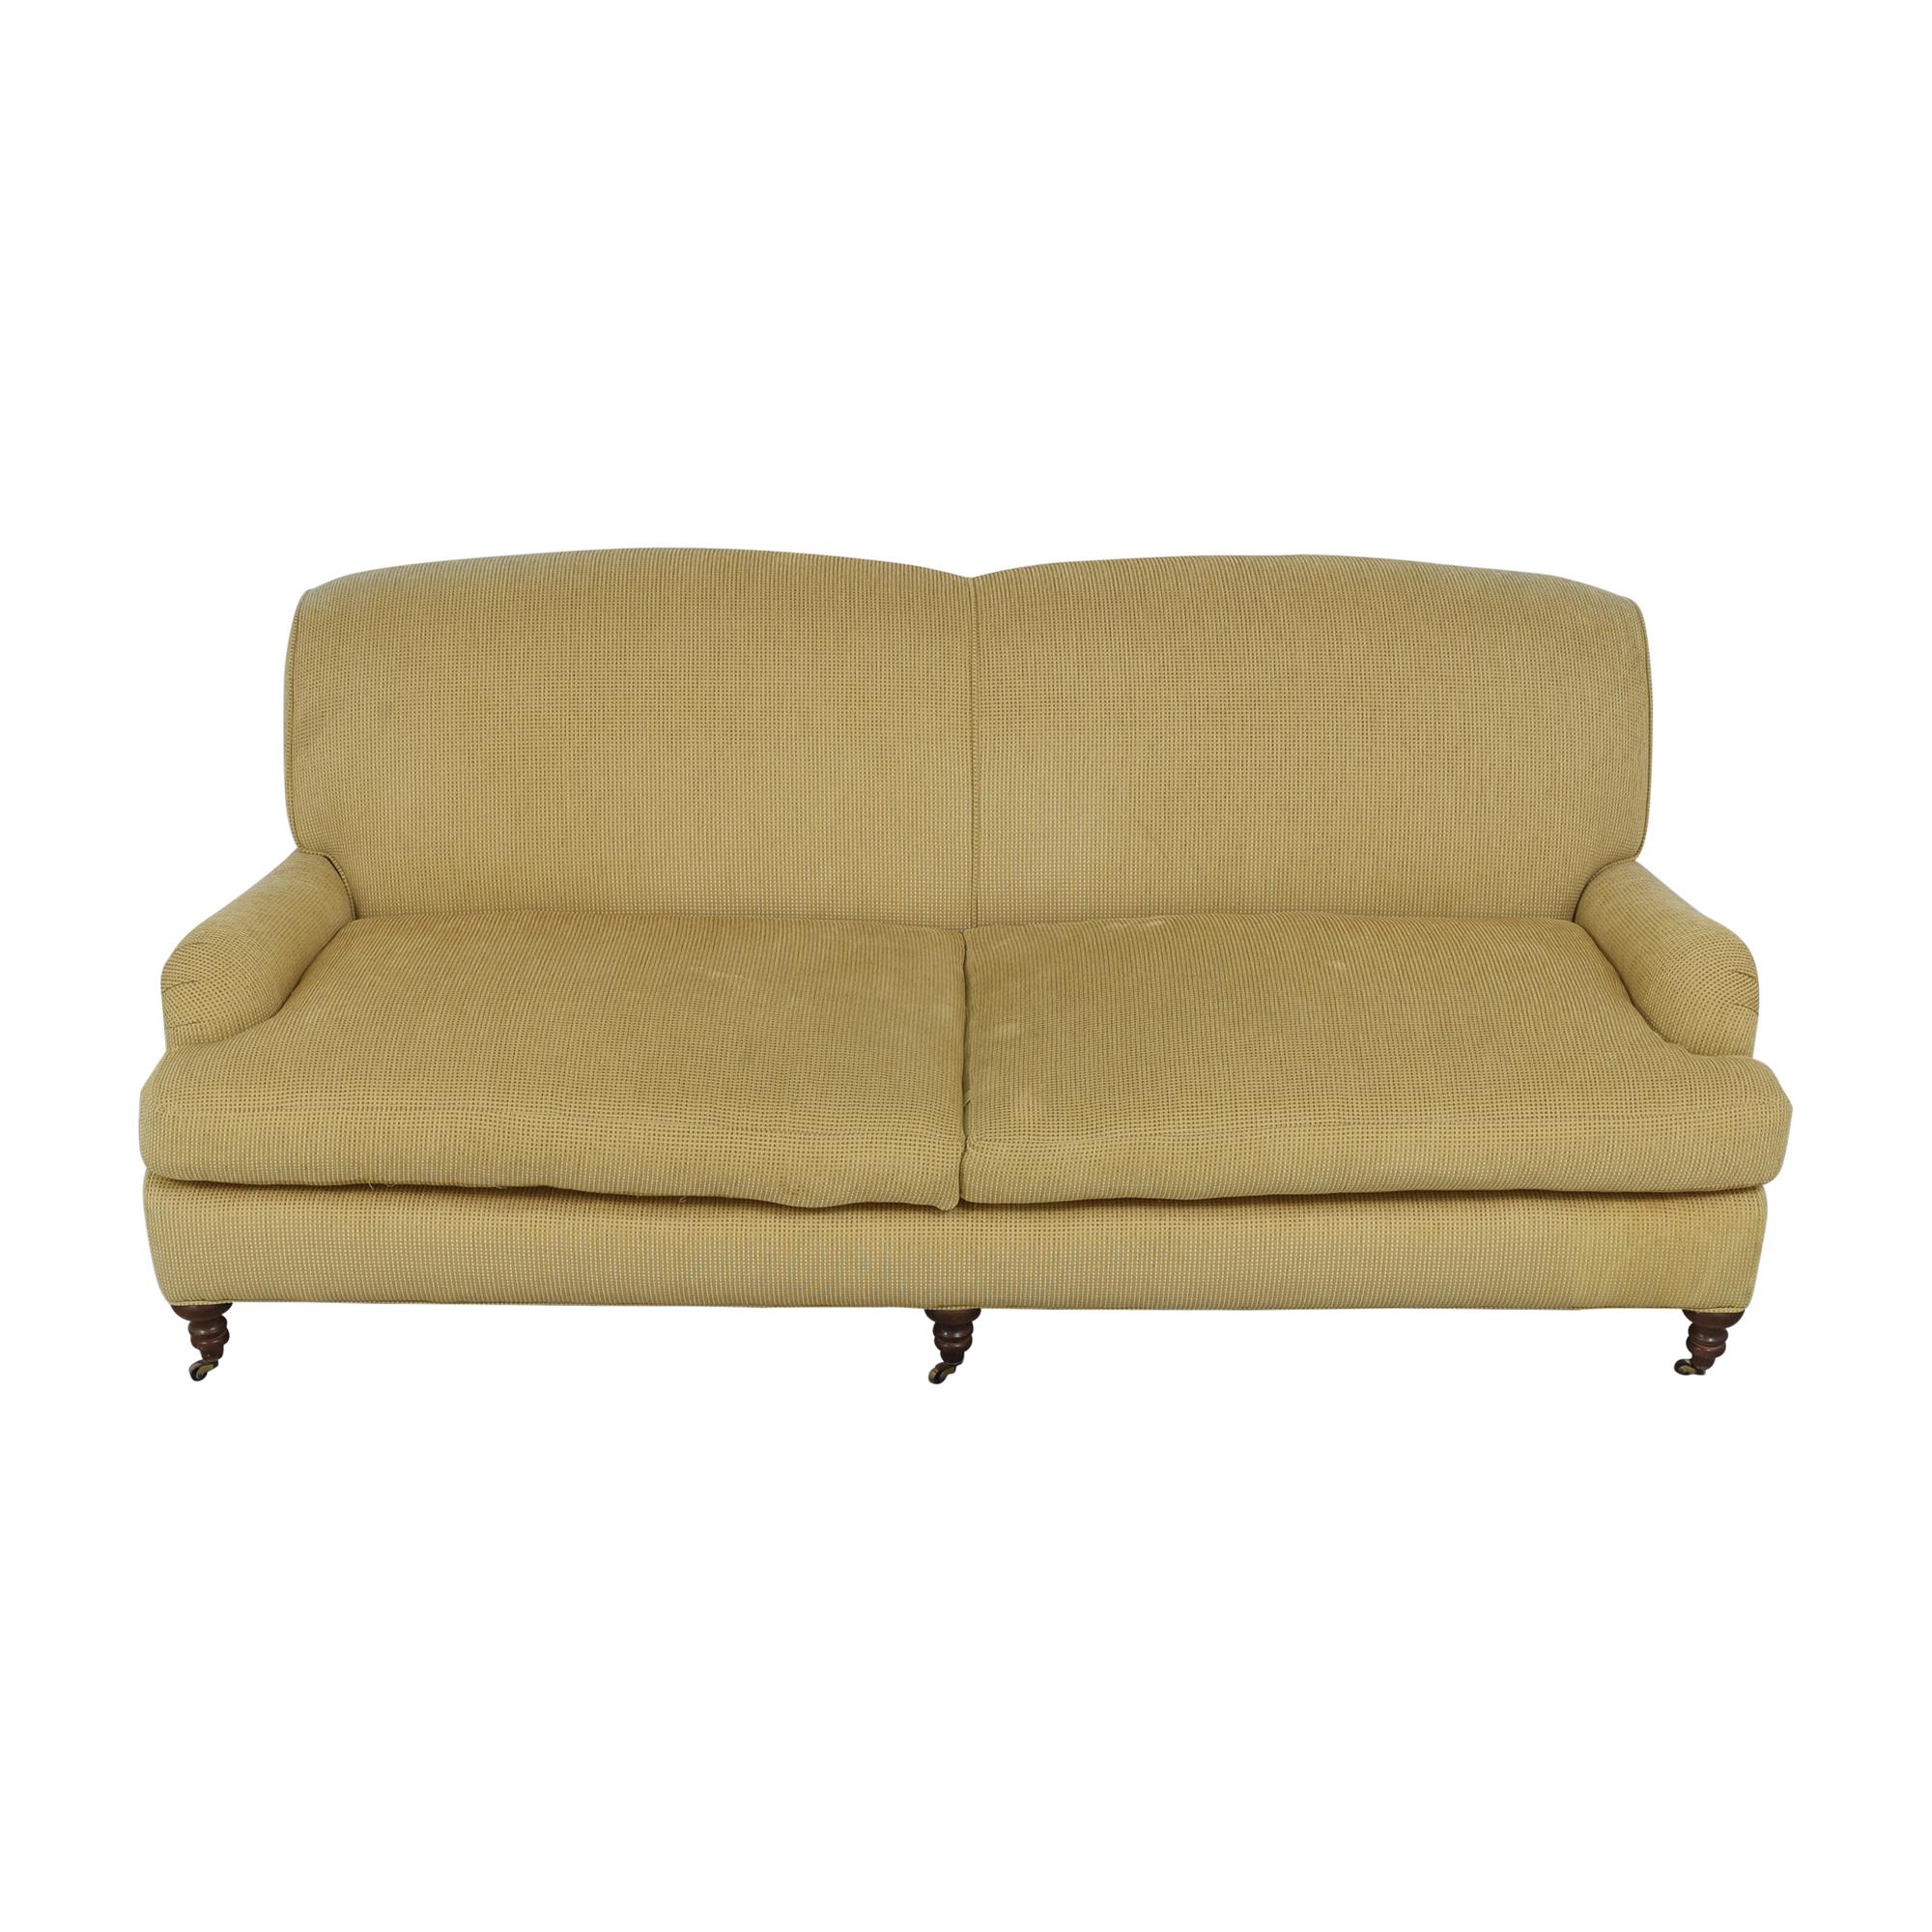 Lee Industries English Roll Arm Sofa / Sofas